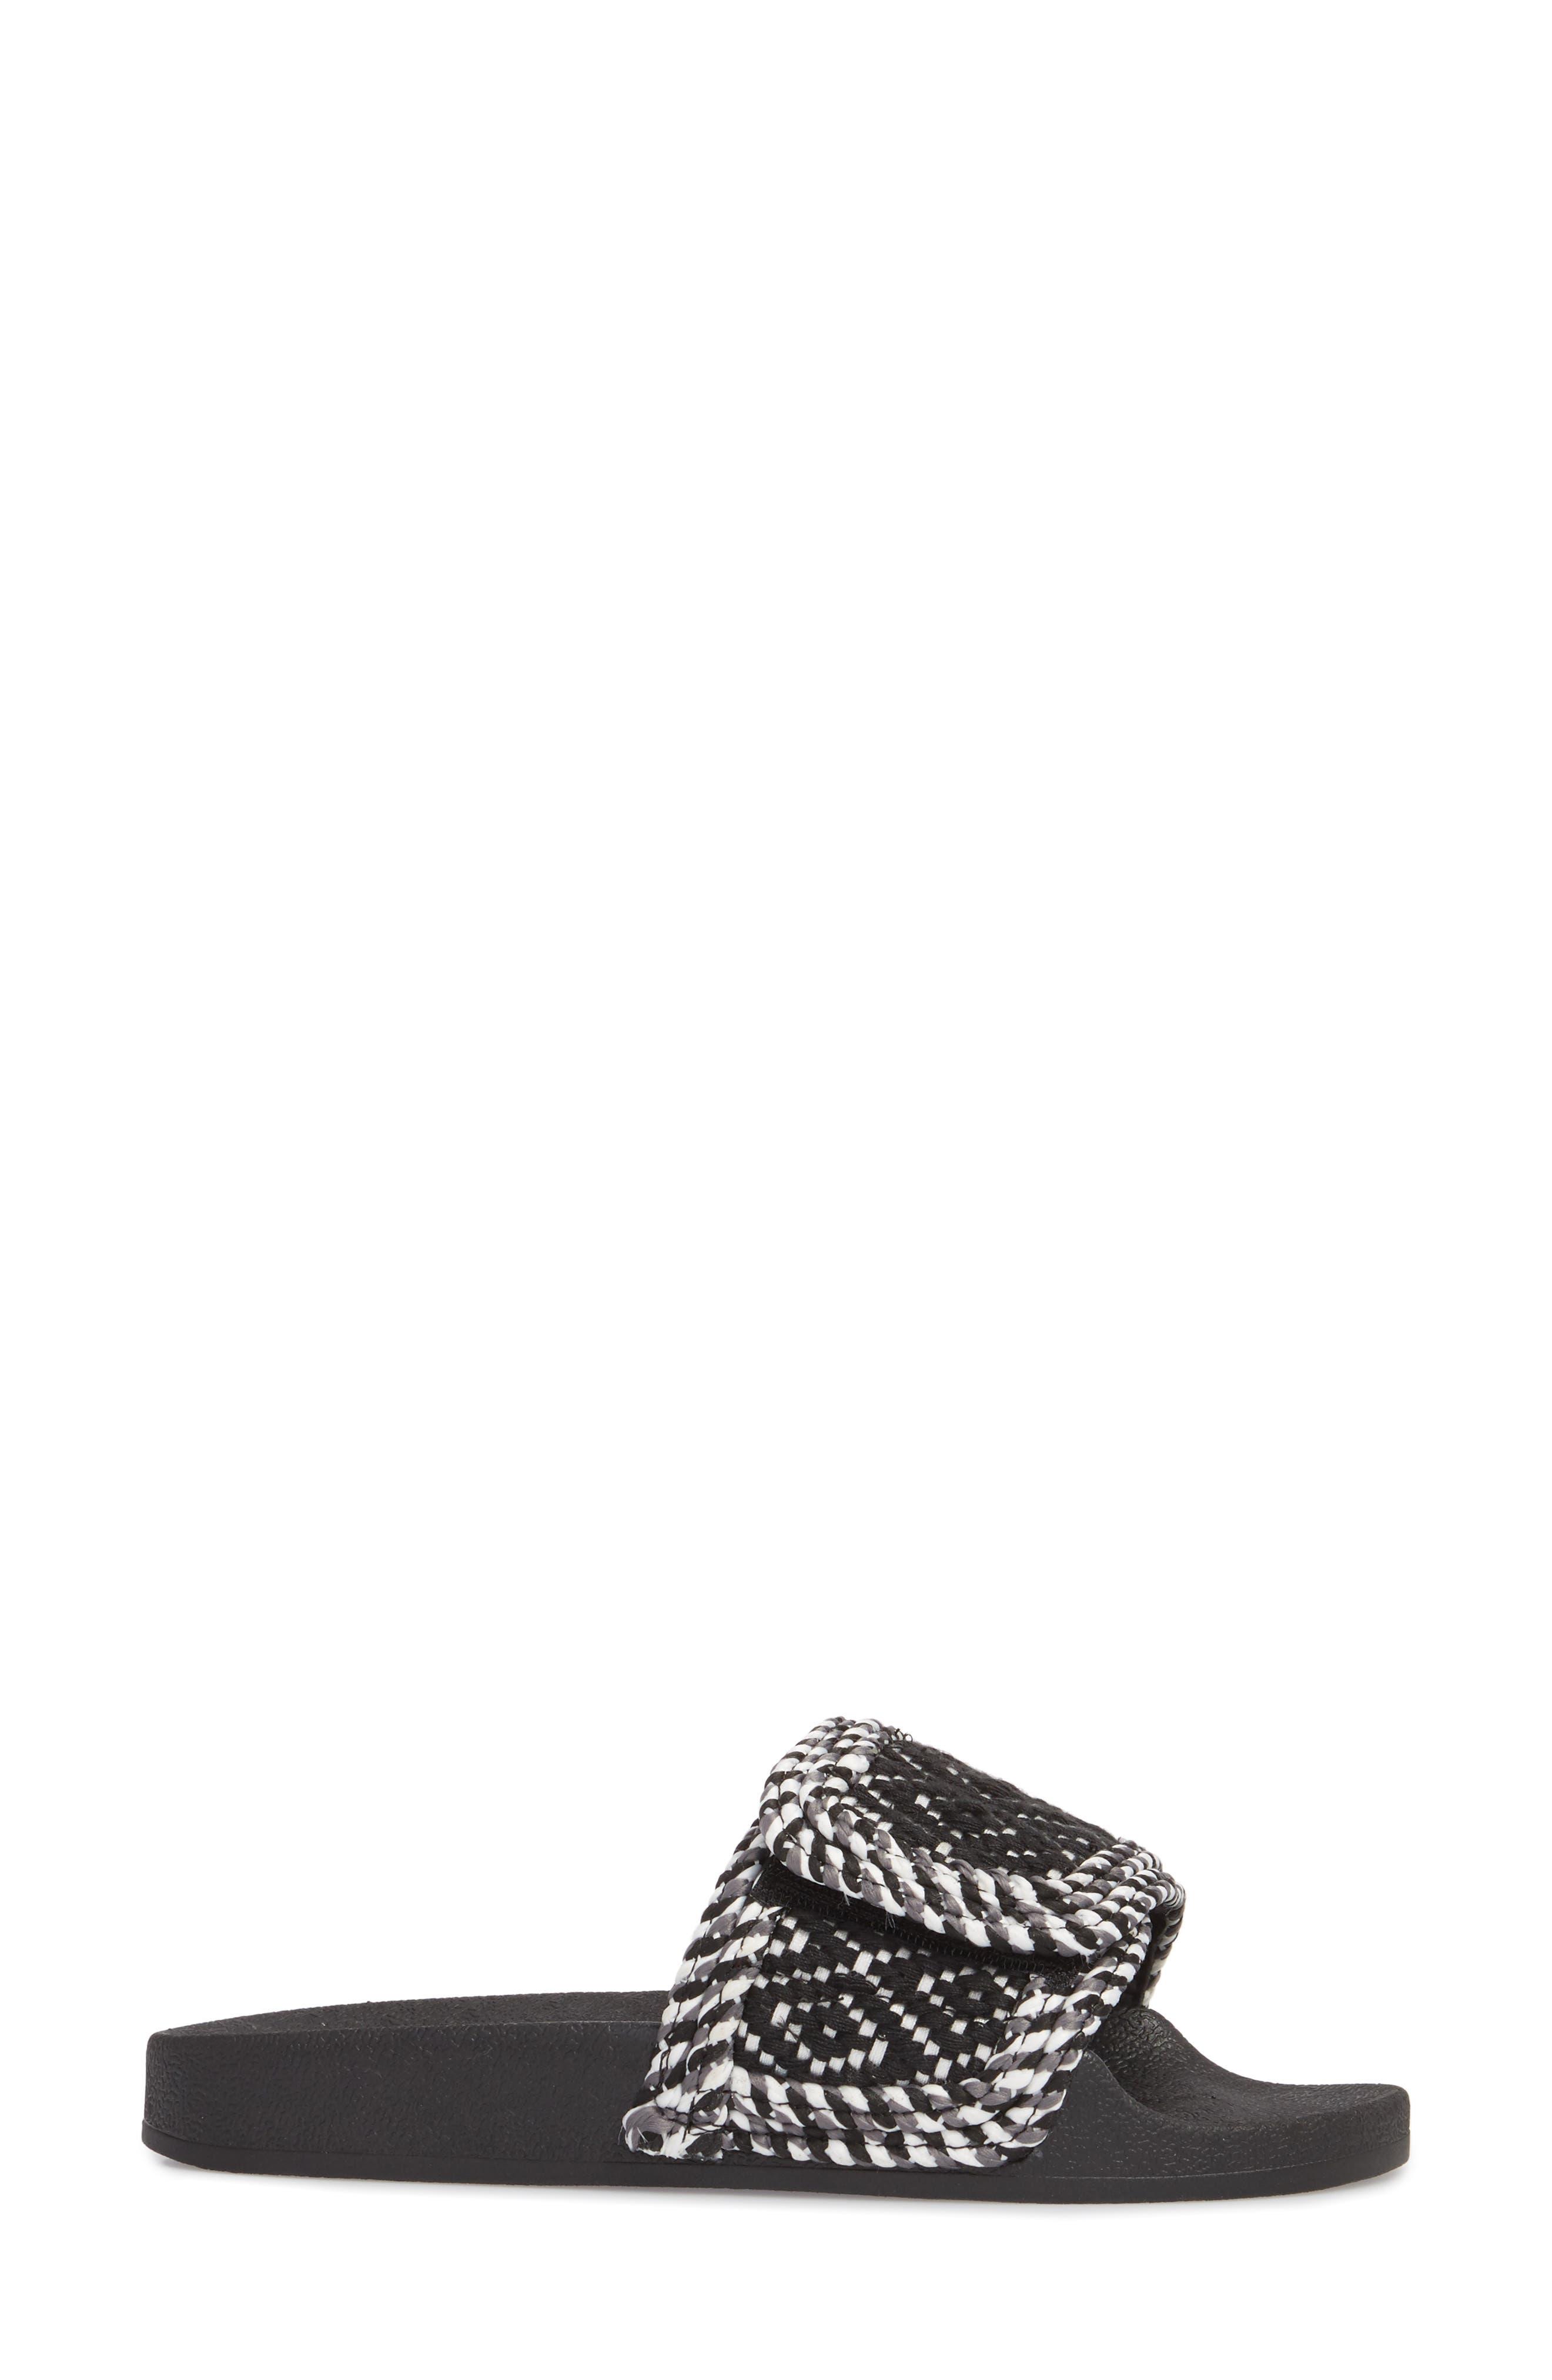 Tressa Woven Slide Sandal,                             Alternate thumbnail 3, color,                             004